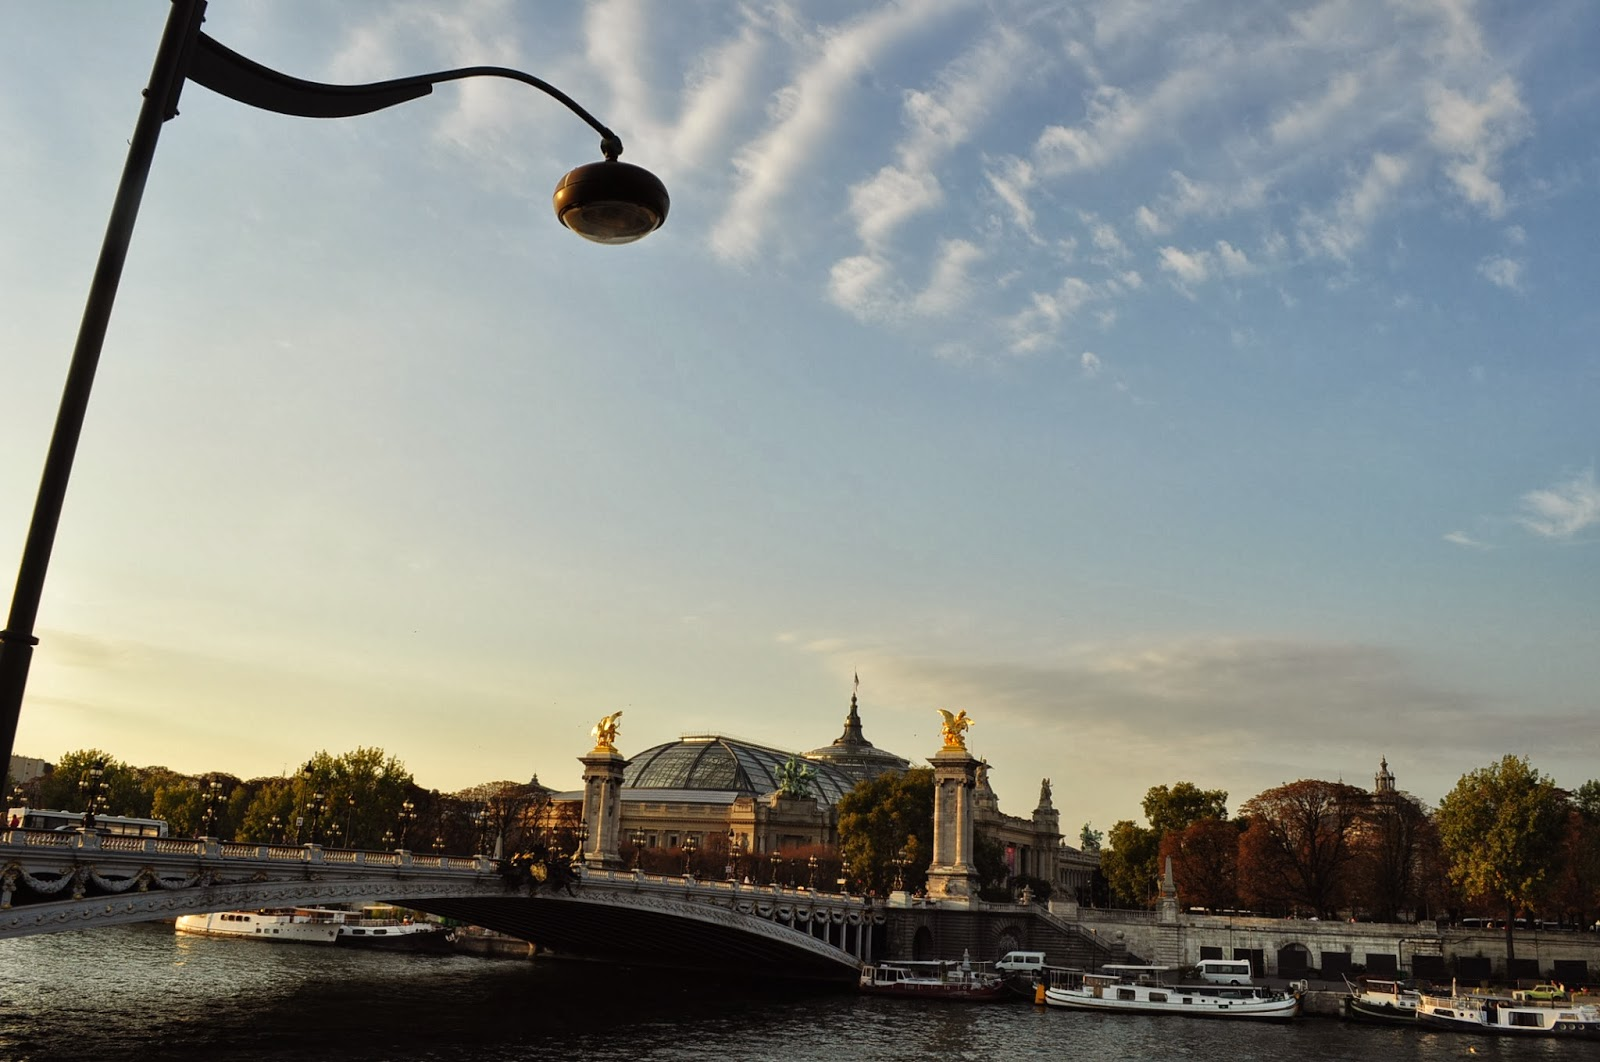 Била съм в този град много пъти и винаги отривам нови и нови ракурси към красивите му сгради, мостове и площади.